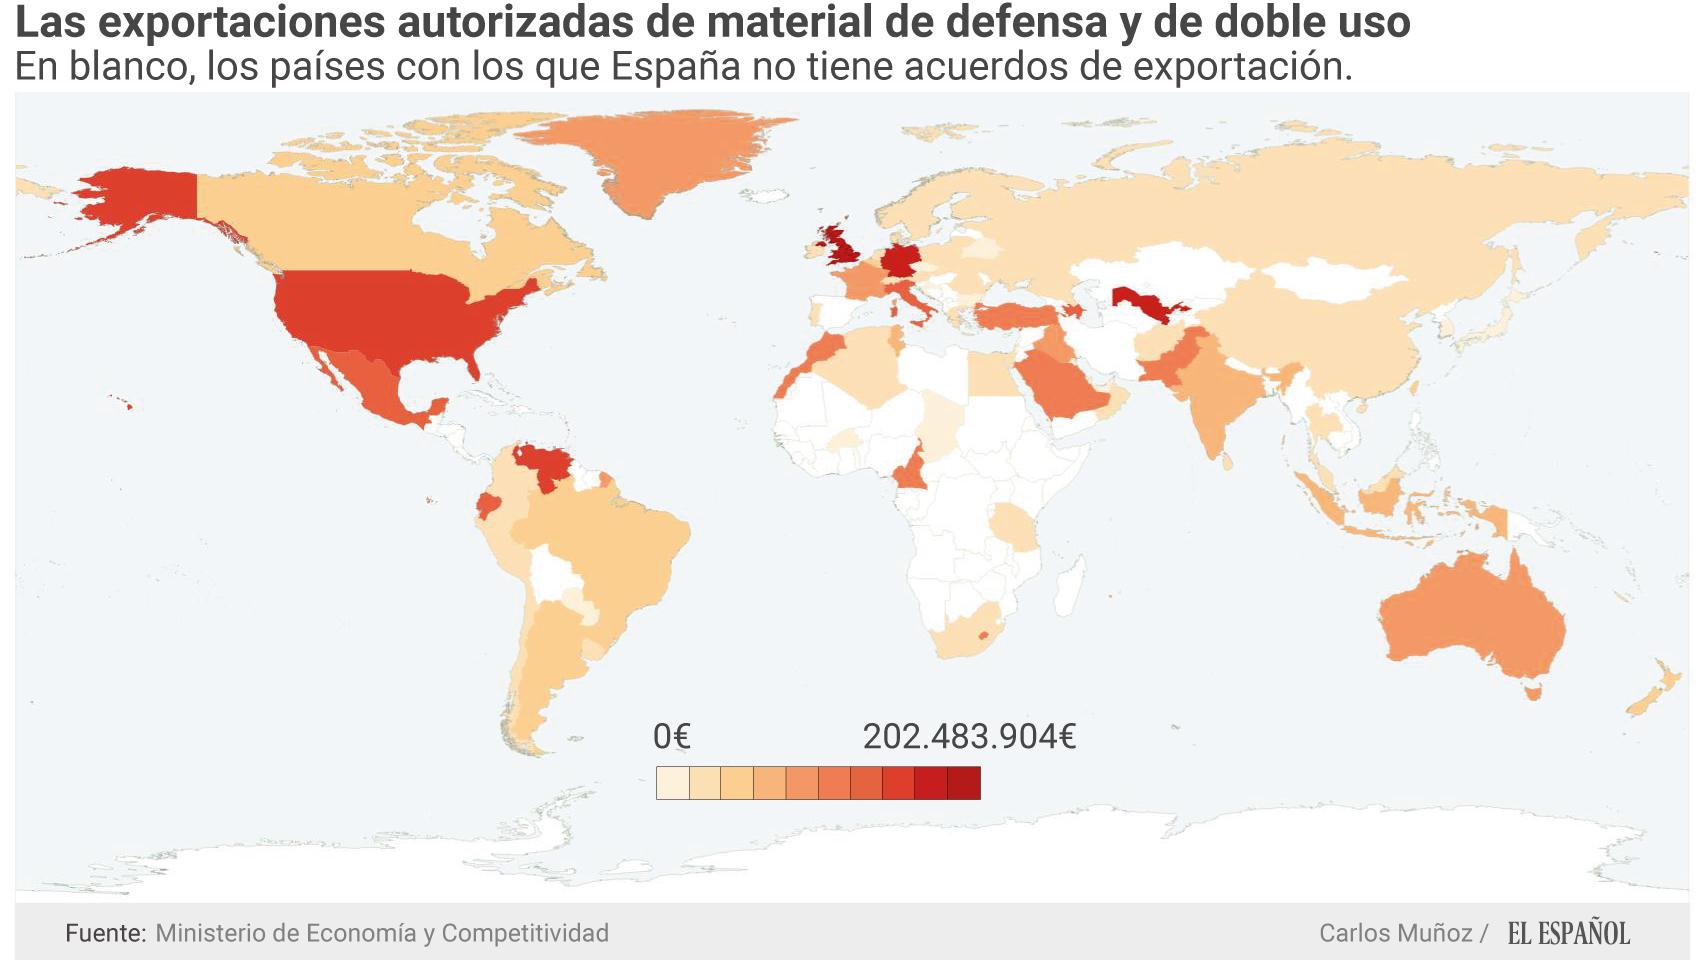 Exportaciones de material de defensa y de doble uso